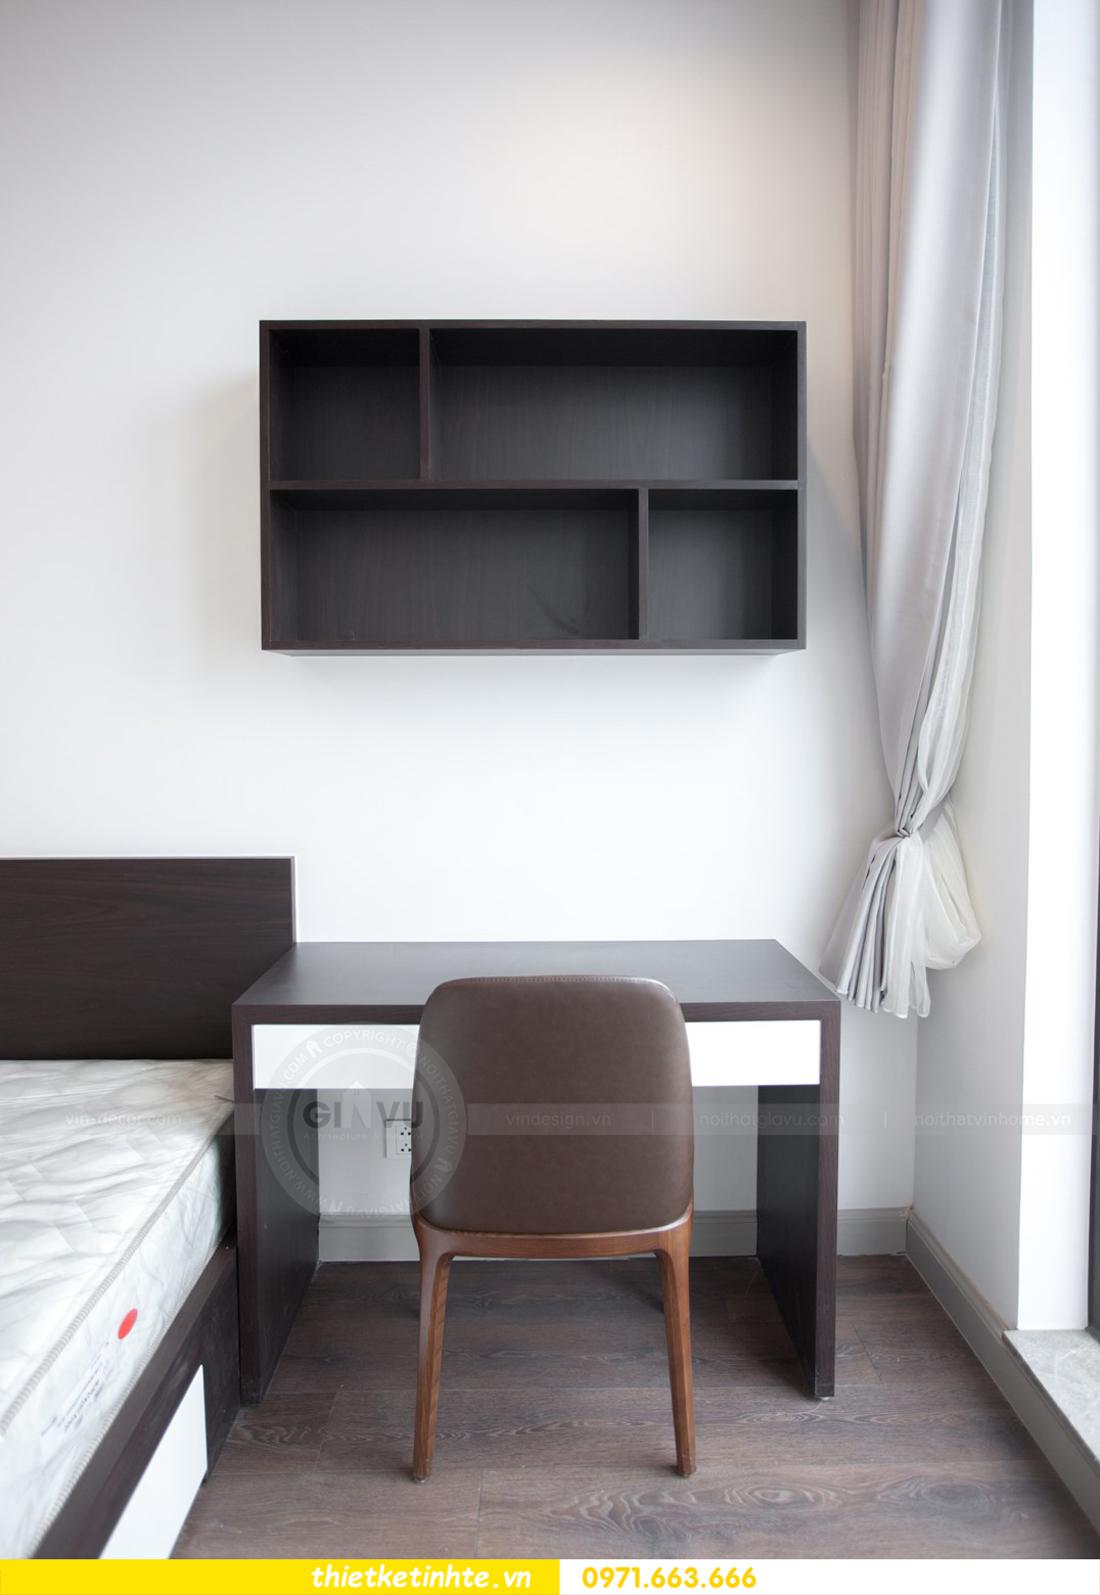 thi công nội thất chung cư trọn gói căn hộ 1105 tòa S2 69B Thụy Khuê 08